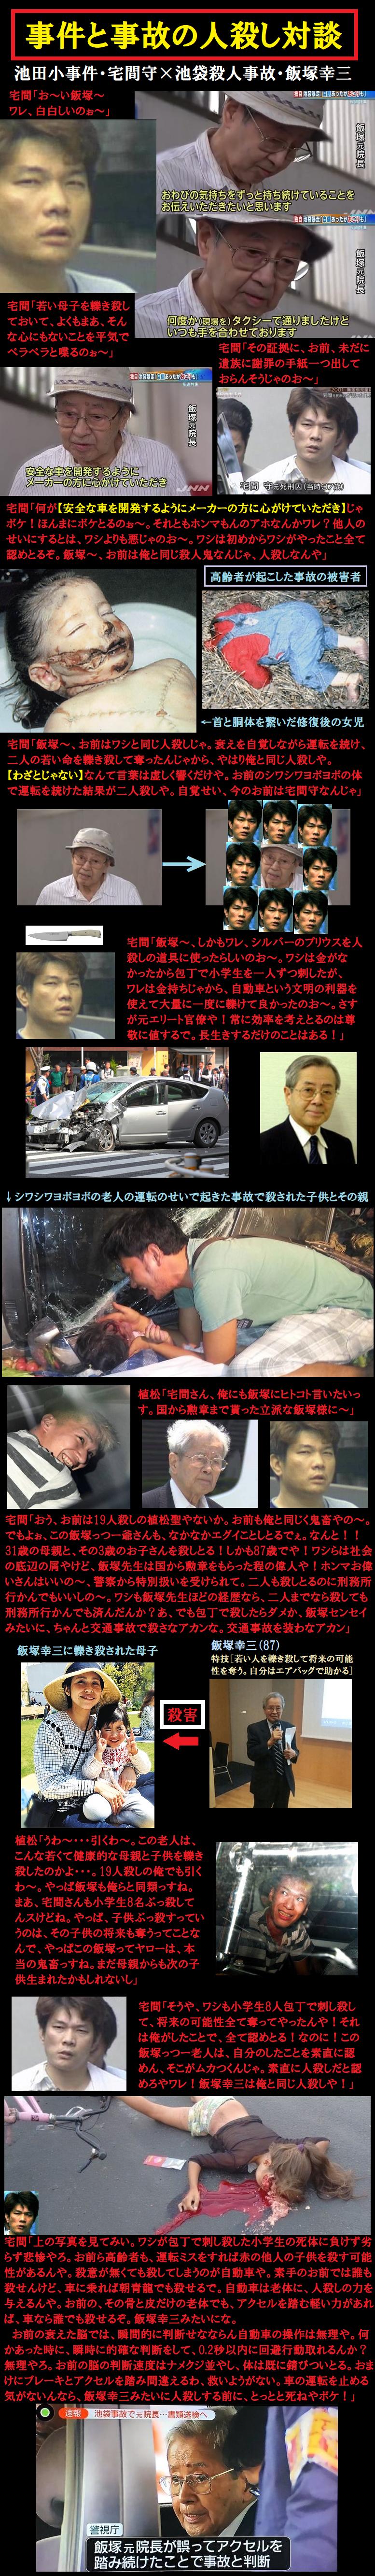 危険運転を繰り返す高齢者に運転免許を返納させる画像